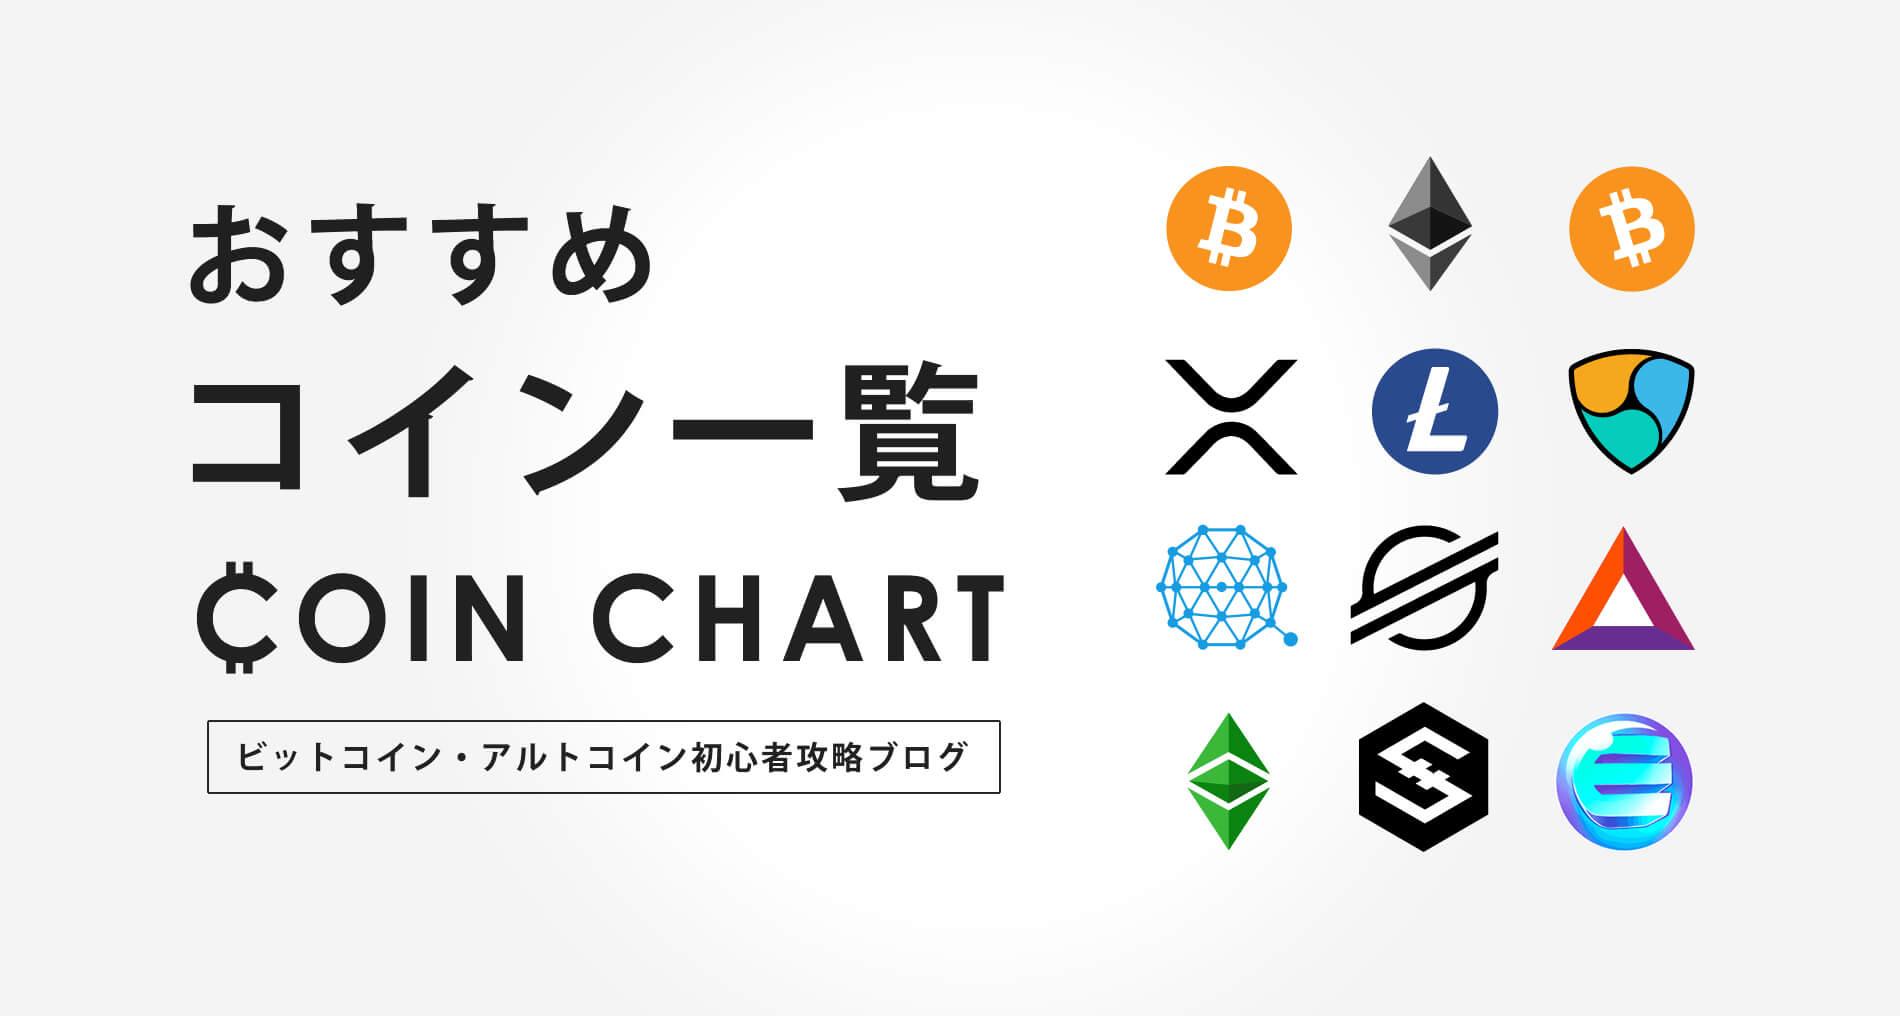 仮想通貨で今後の期待ができるコイン【初心者向け】